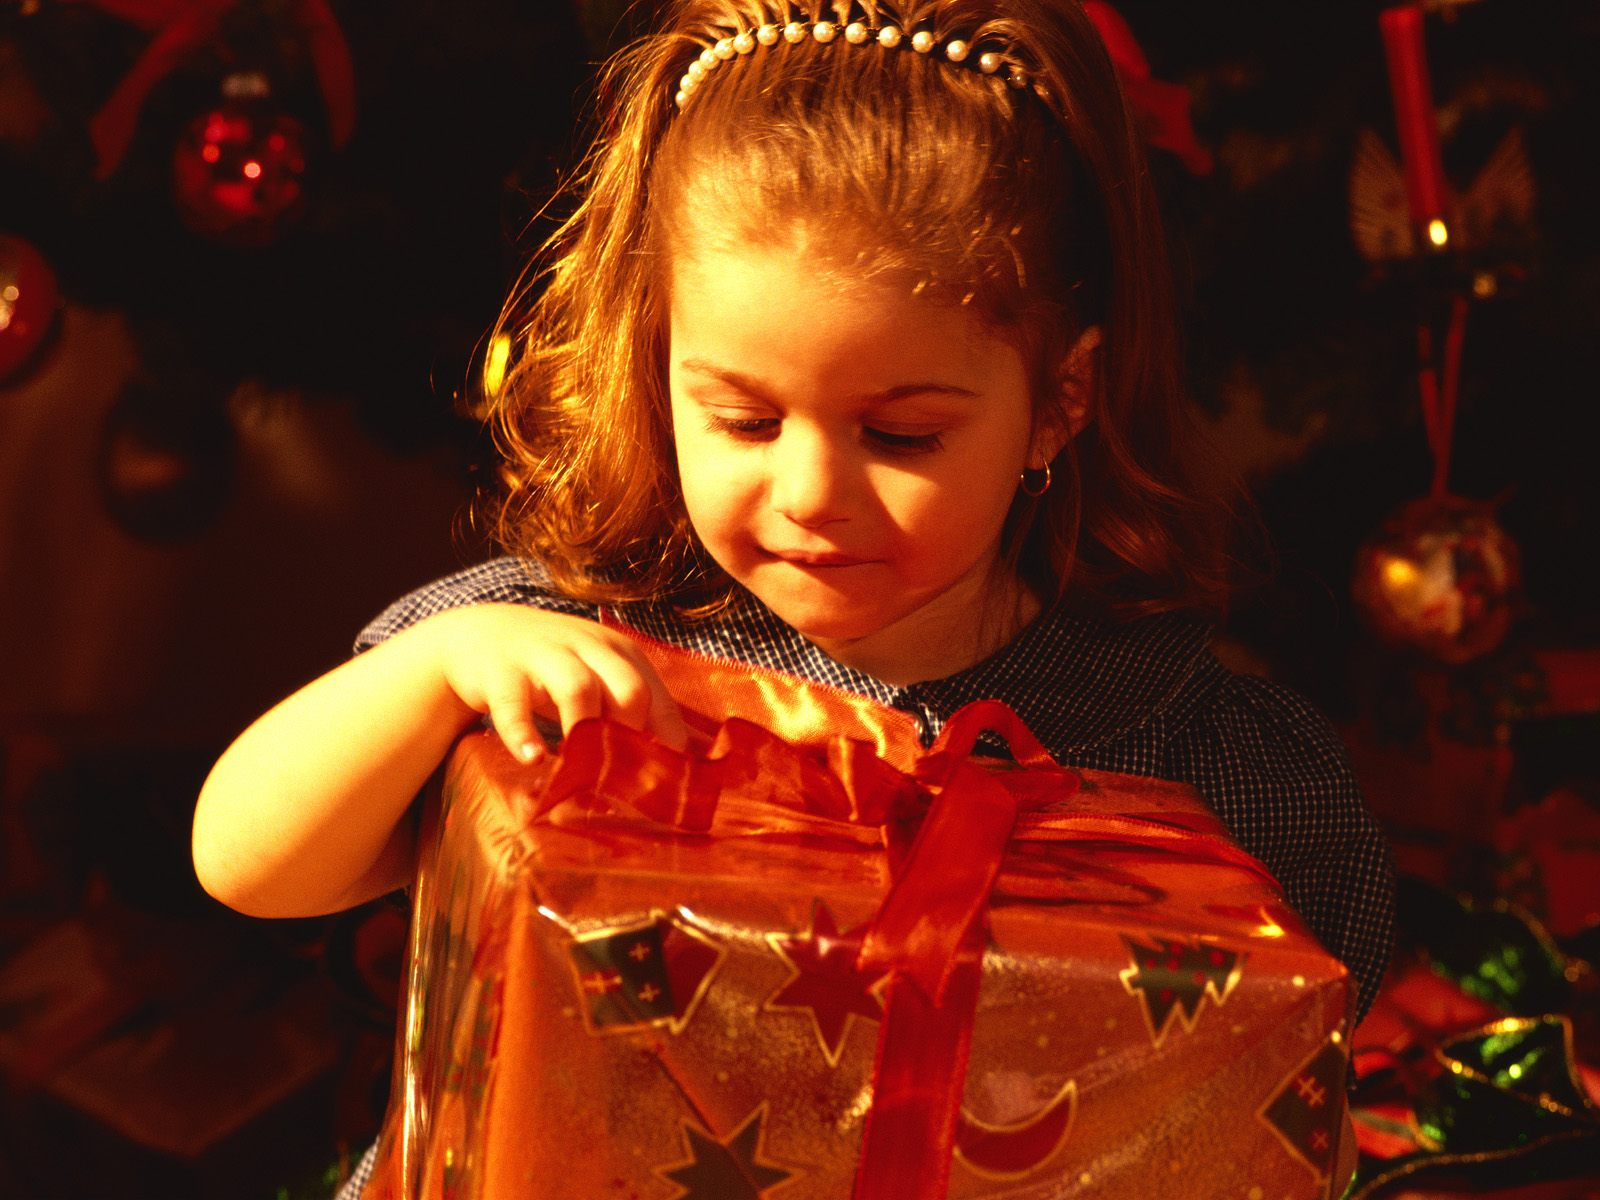 Который ждут все и взрослые и дети) Мы ждем тепла и радости, подарков